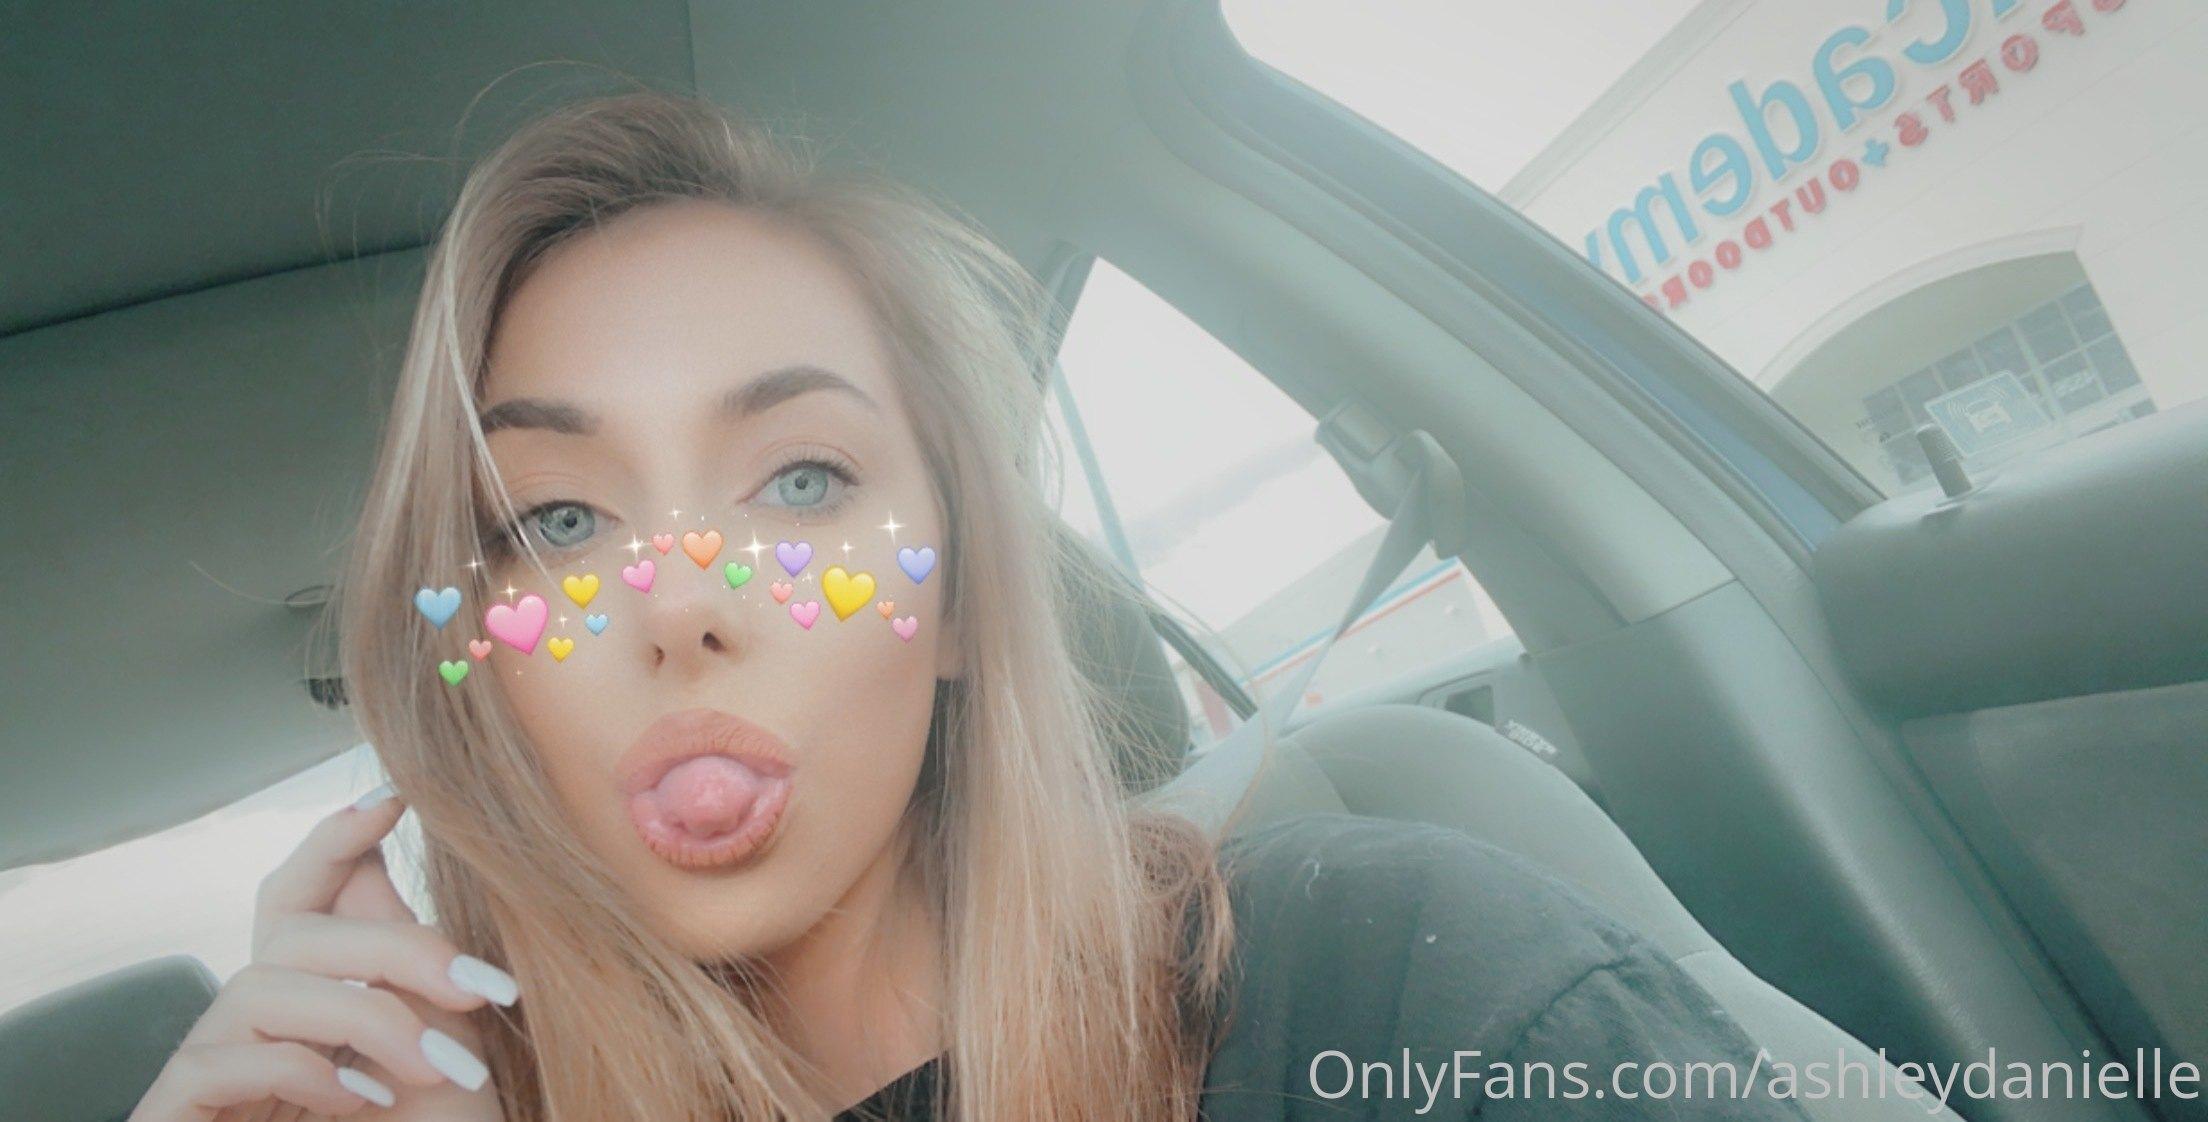 Ashley Danielle, Ashleydanielle, Onlyfans Nude Leaks 0025